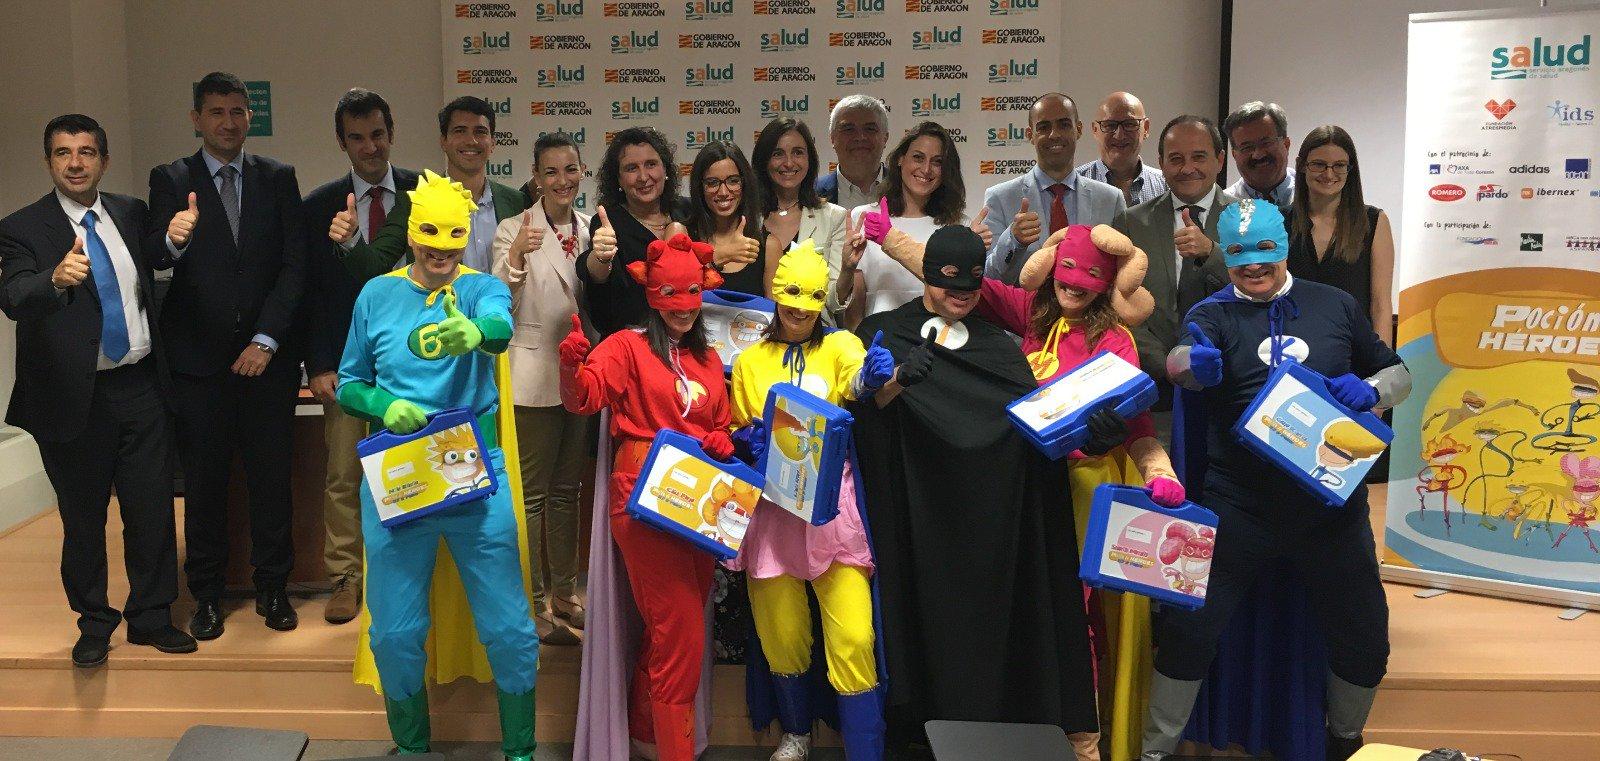 """Presentación de programa """"Poción de Héroes"""" en el Hospital Infantil de Zaragoza. Foto: Gobierno de Aragón"""